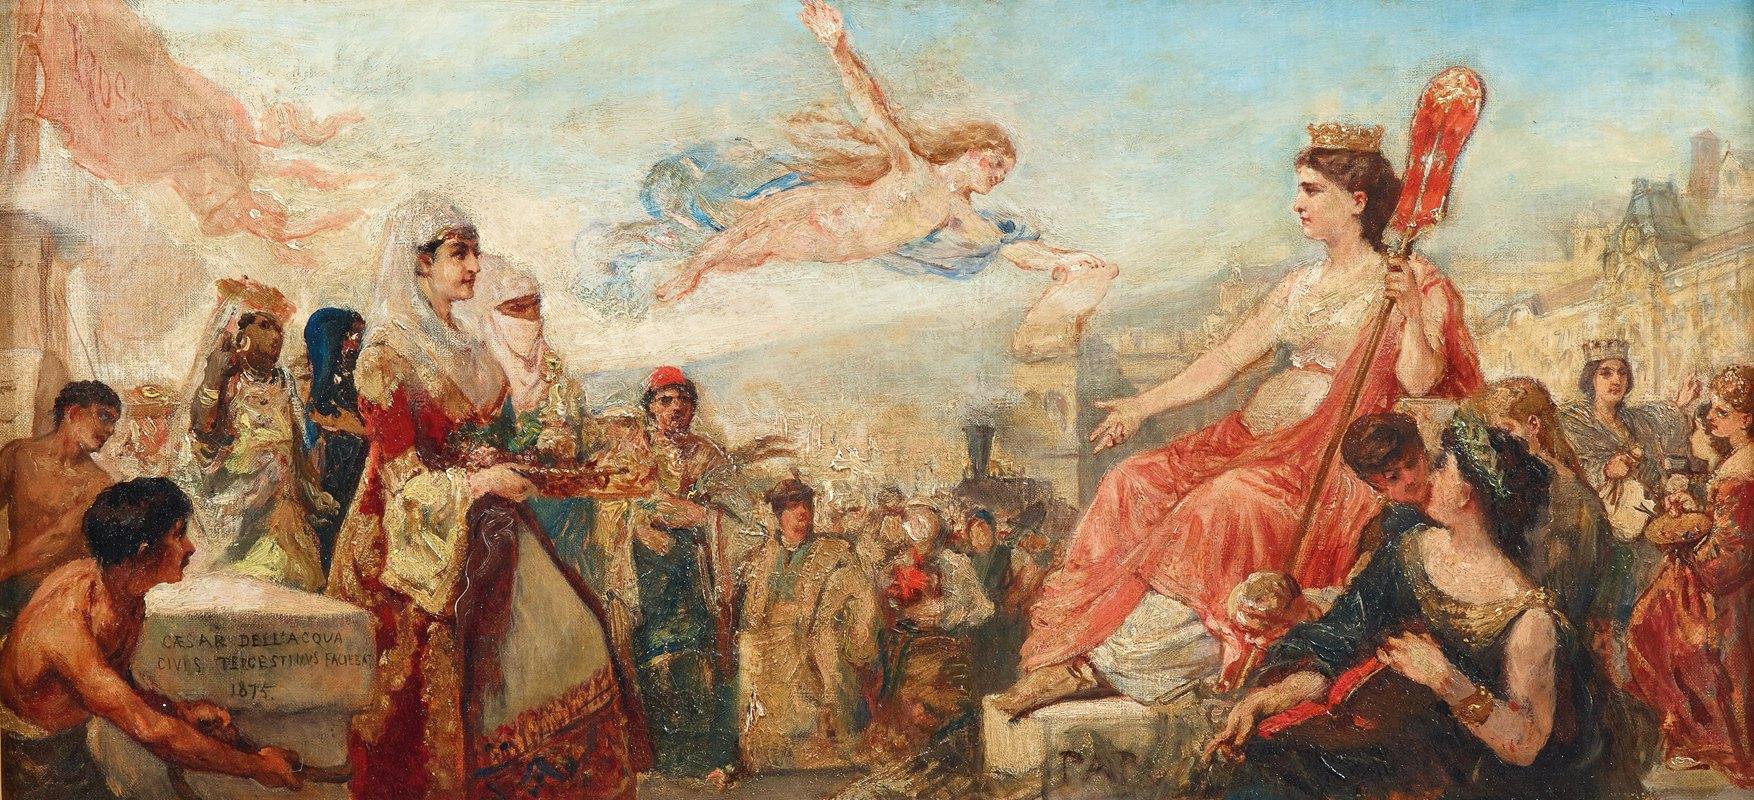 Cesare Dell'acqua - Triest allegory study